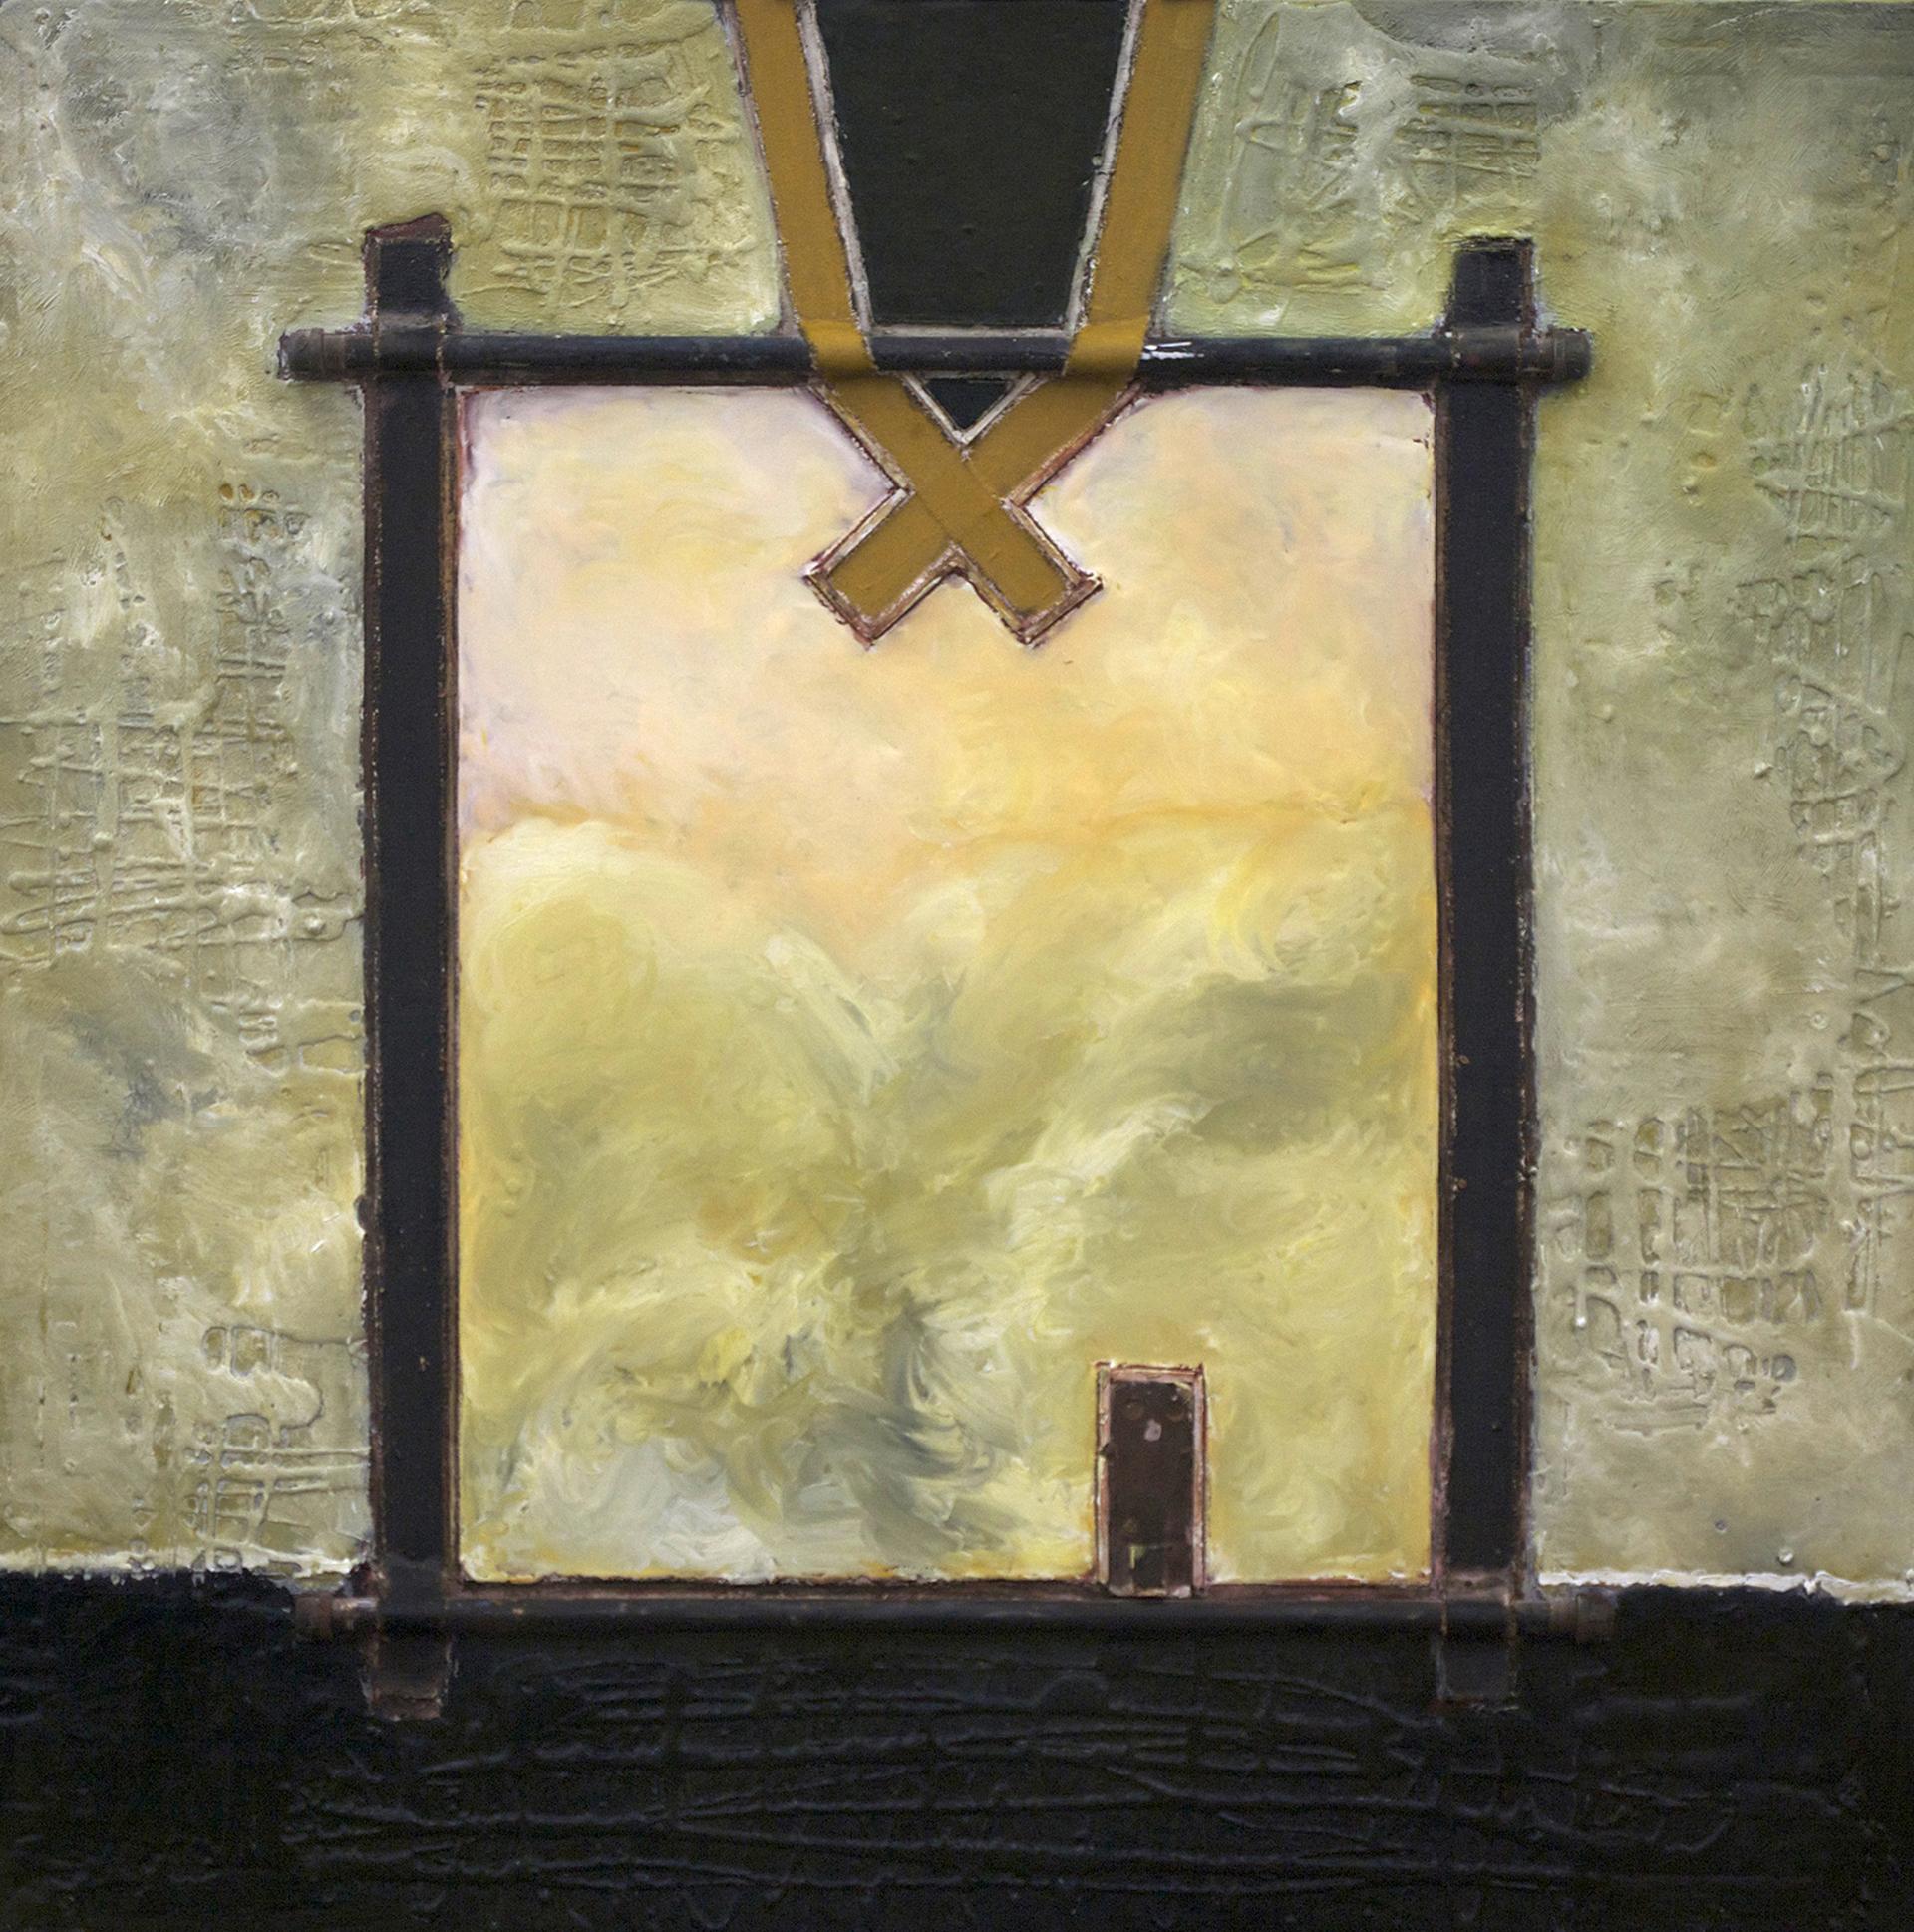 Enlightenment by John McCaw